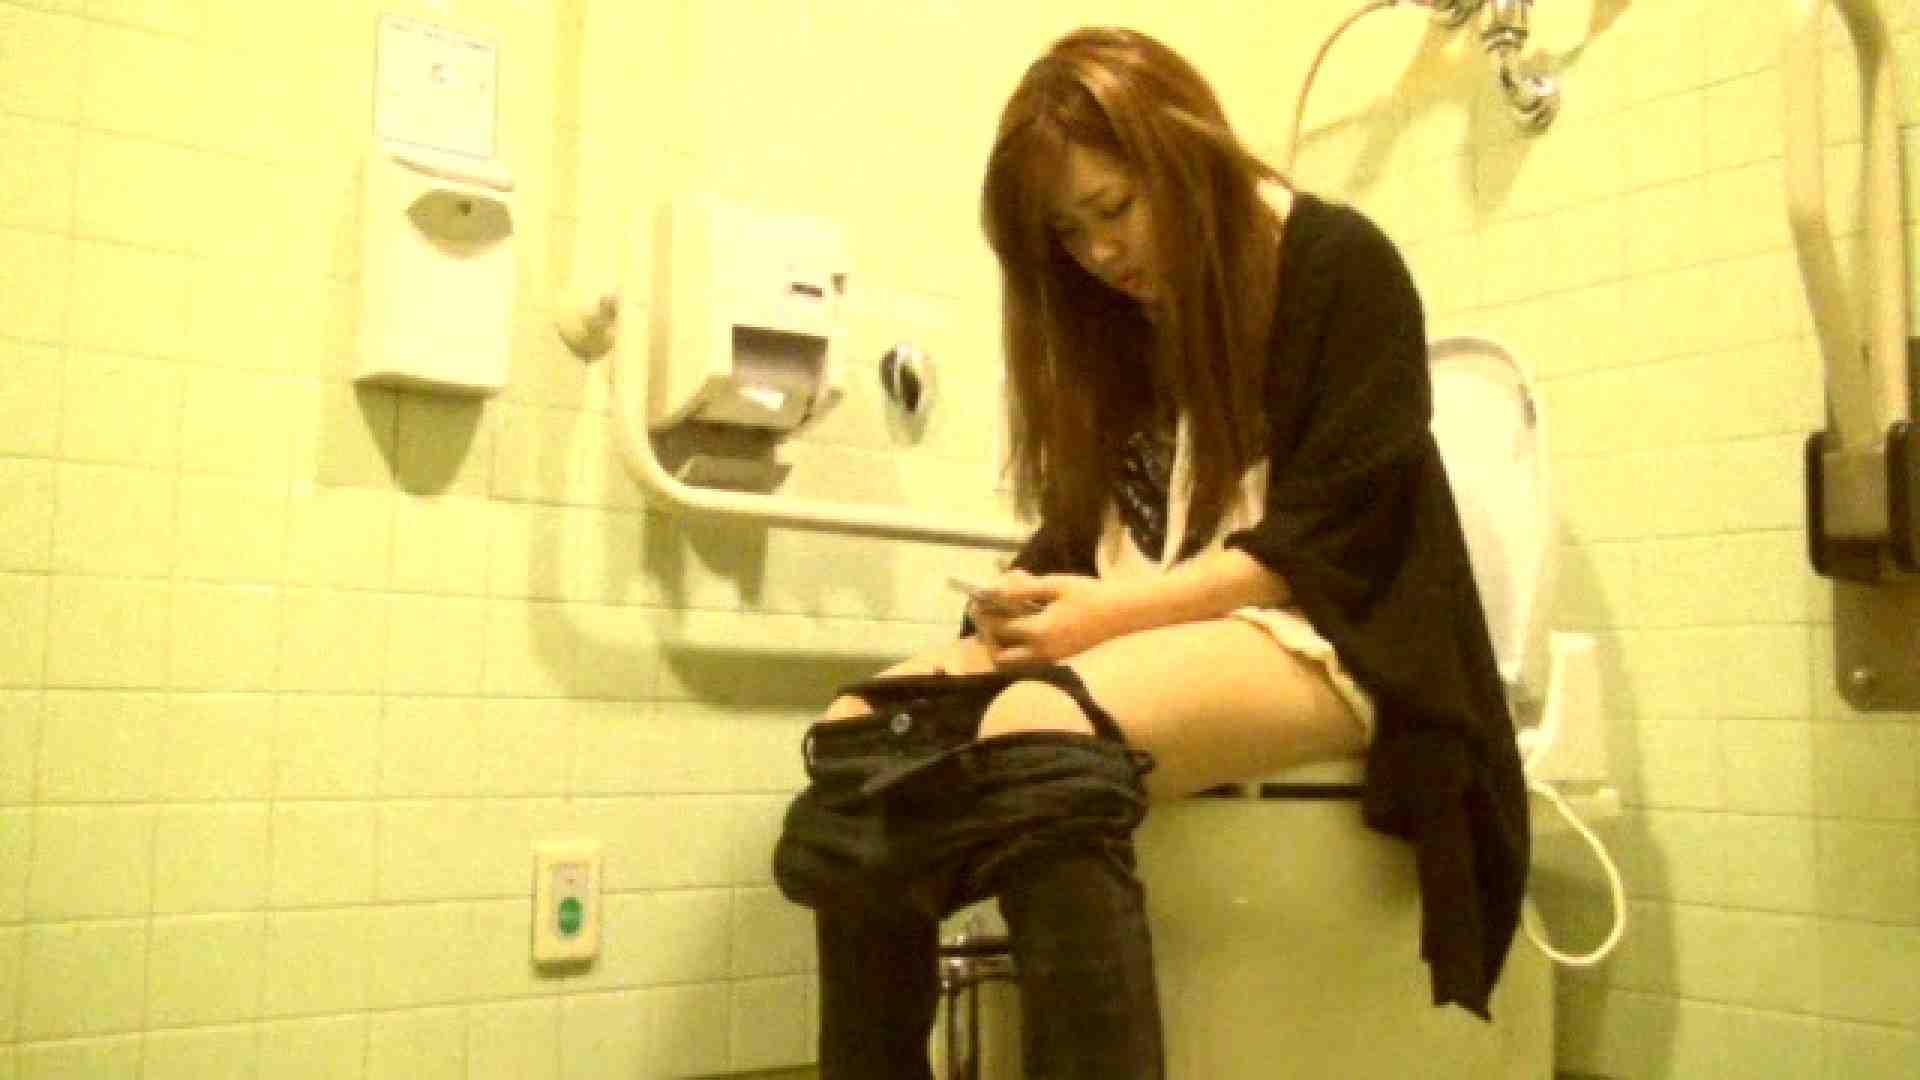 魔術師の お・も・て・な・し vol.26 19歳のバーの店員さんの洗面所をしばし… 洗面所 隠し撮りおまんこ動画流出 90pic 26